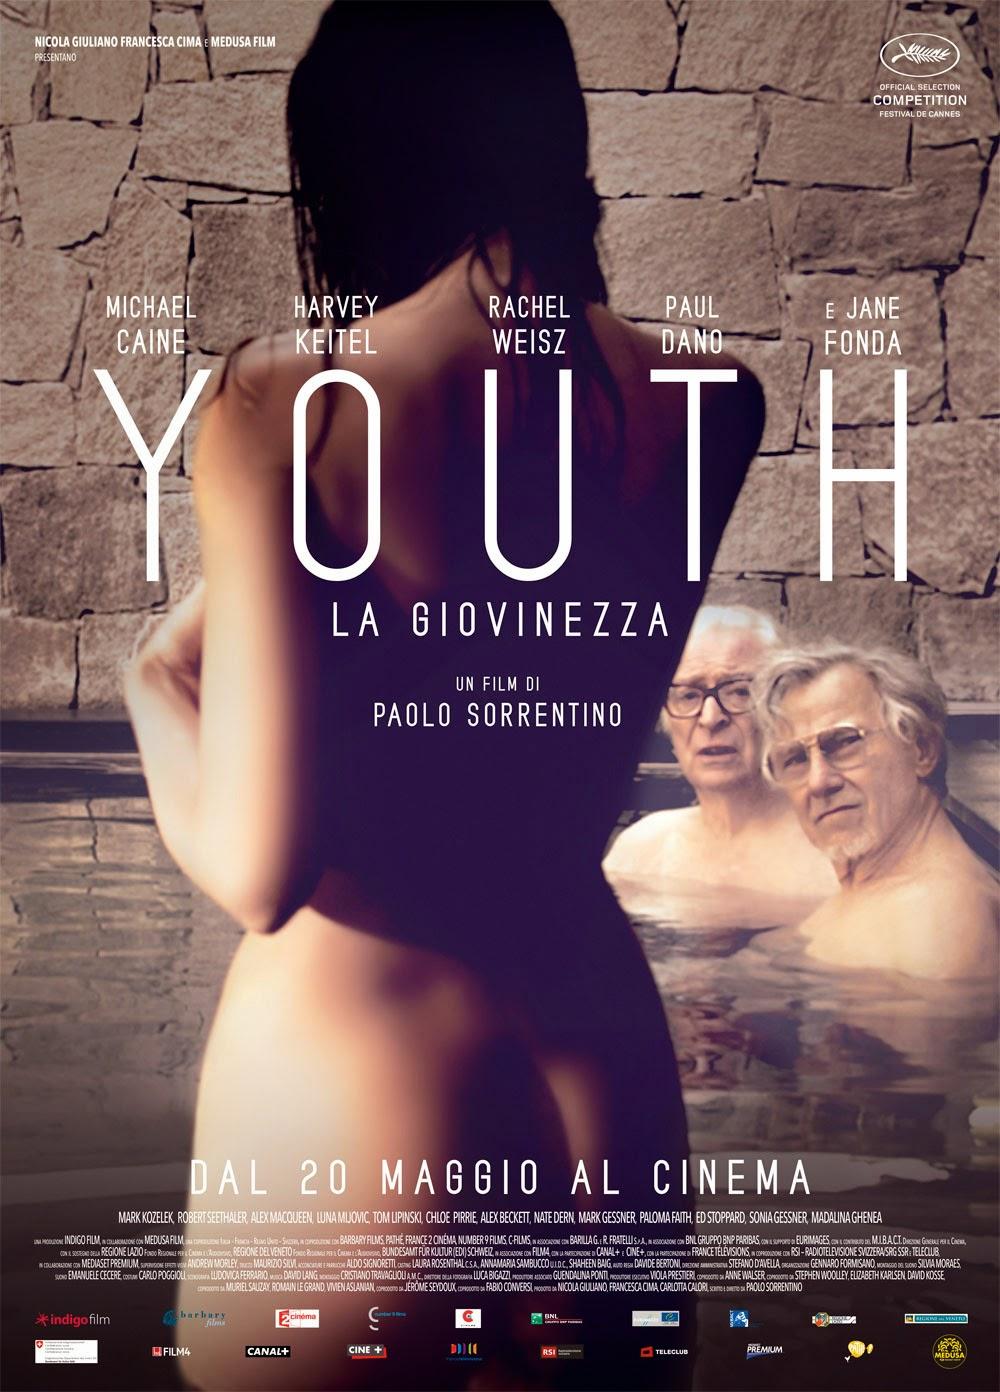 SORRENTINO, Paolo La giovinezza (Youth, film, 2015)